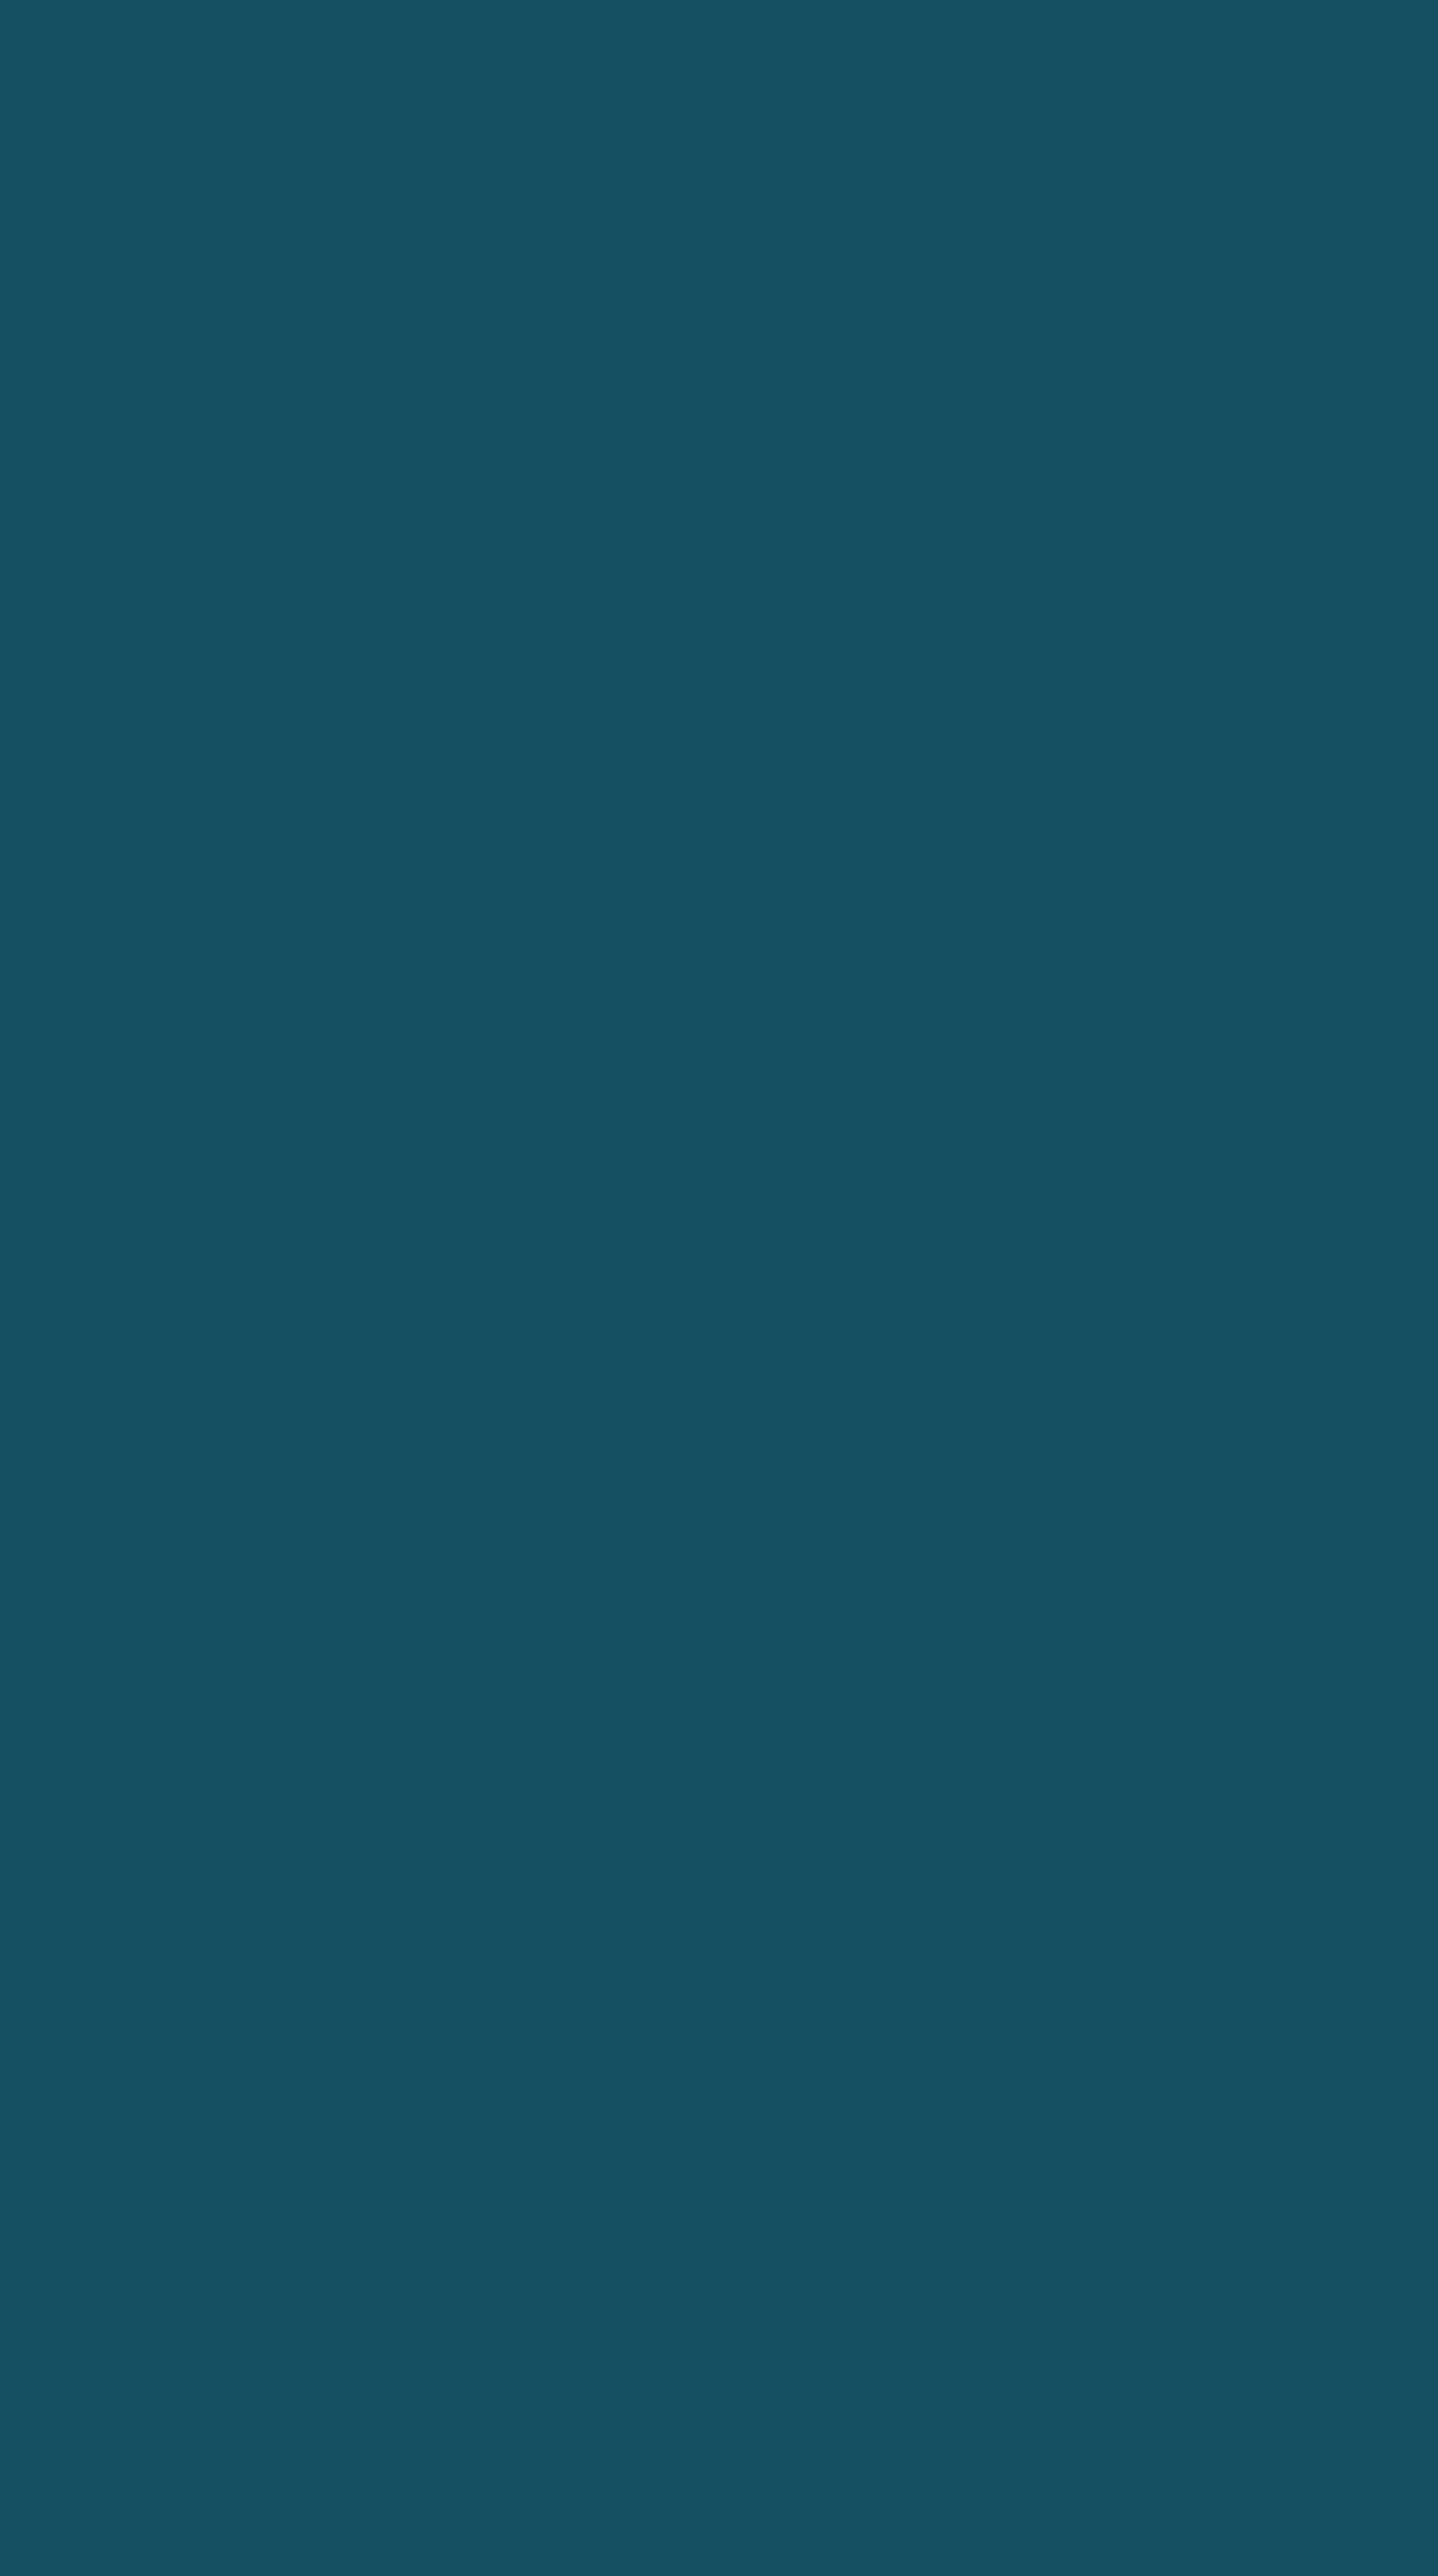 EcceMulier_ColorPalette-07.jpg